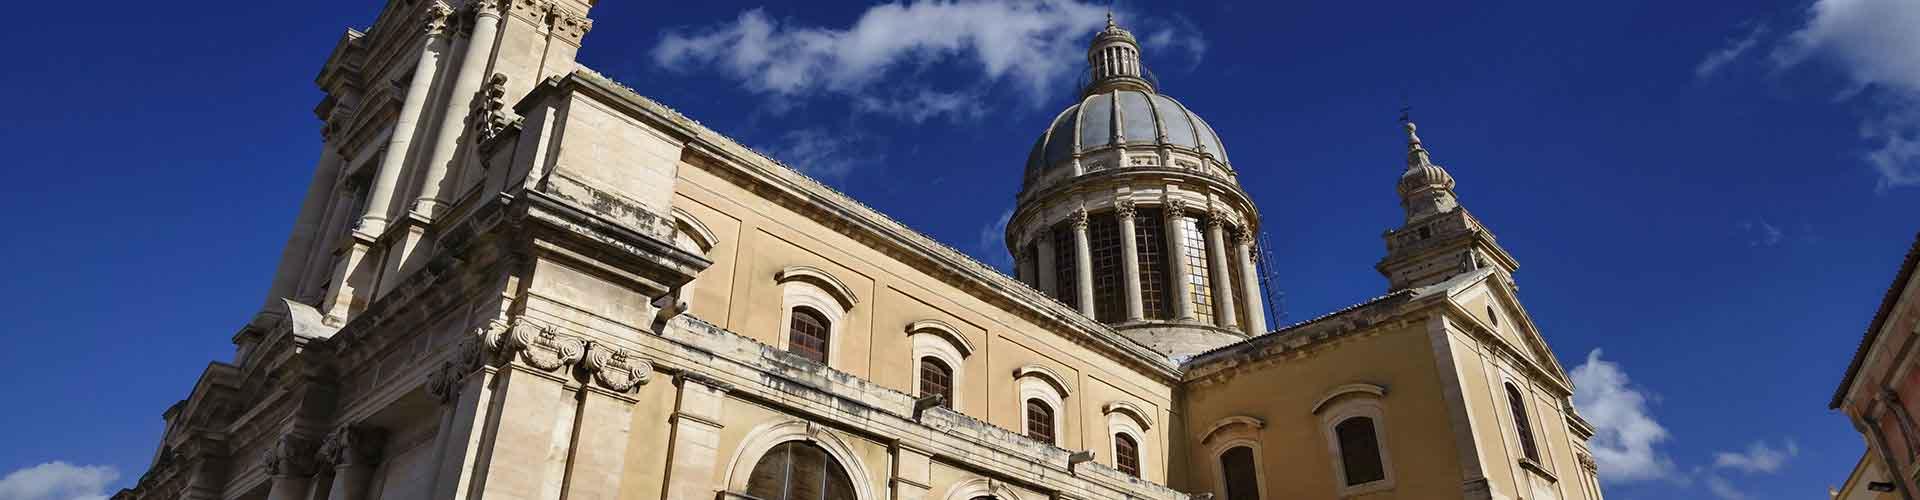 피렌체 - Santissima Annunziata지역에 위치한 아파트. 피렌체의 지도, 피렌체에 위치한 아파트에 대한 사진 및 리뷰.